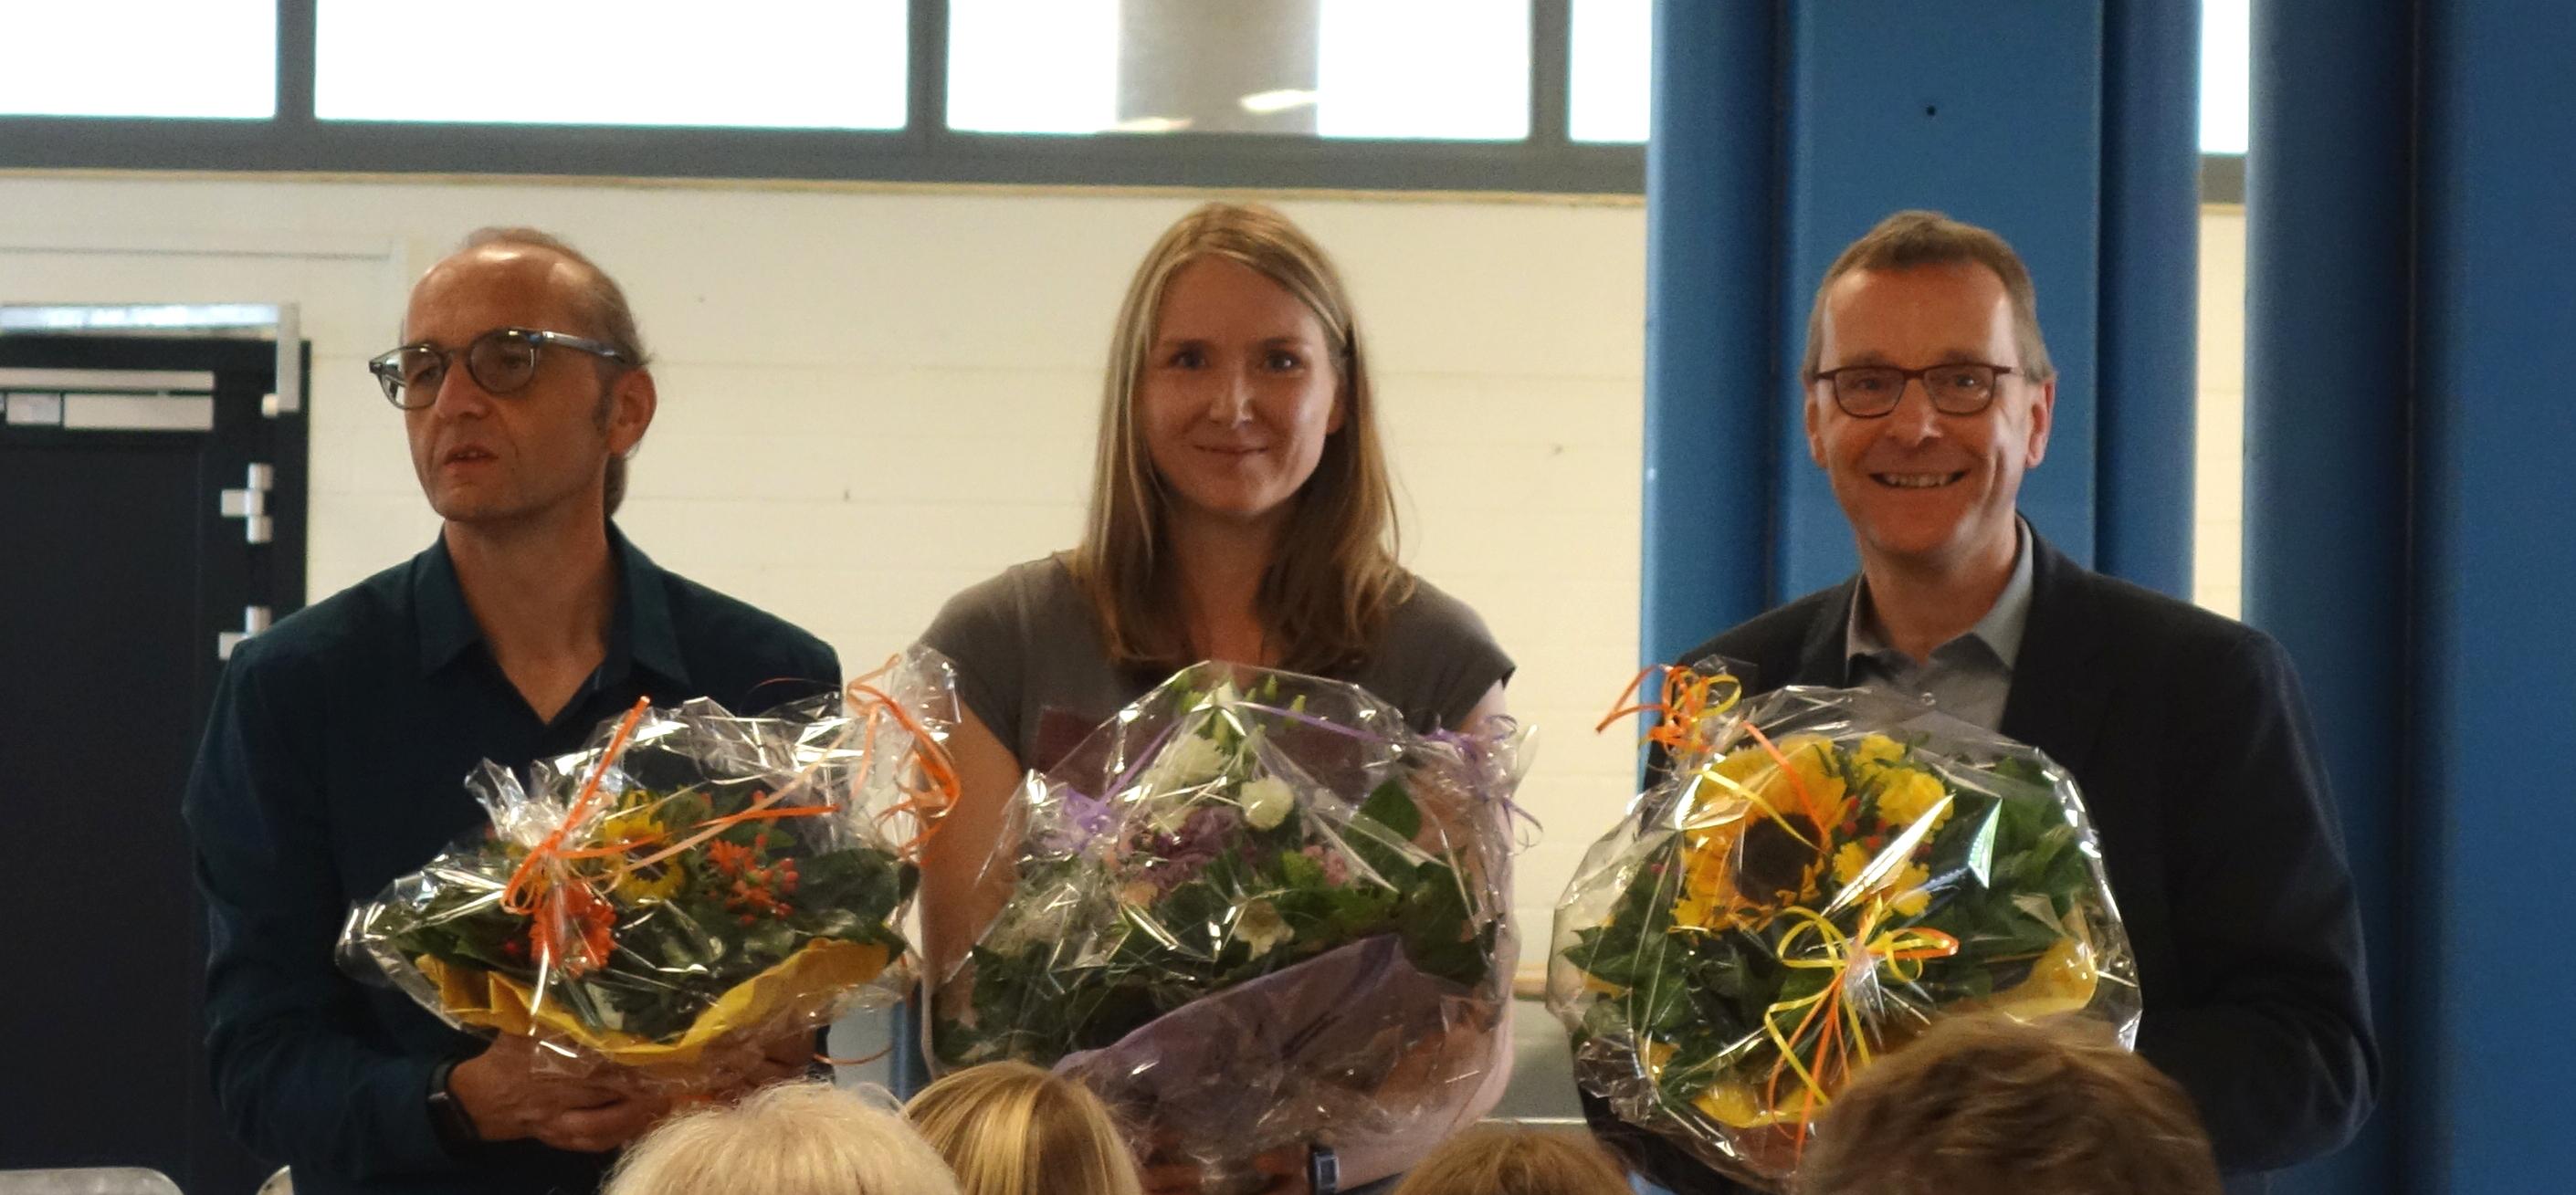 Verabschiedung von Frau Wilhelms, Herrn Höck und Herrn Dr. Feldkemper